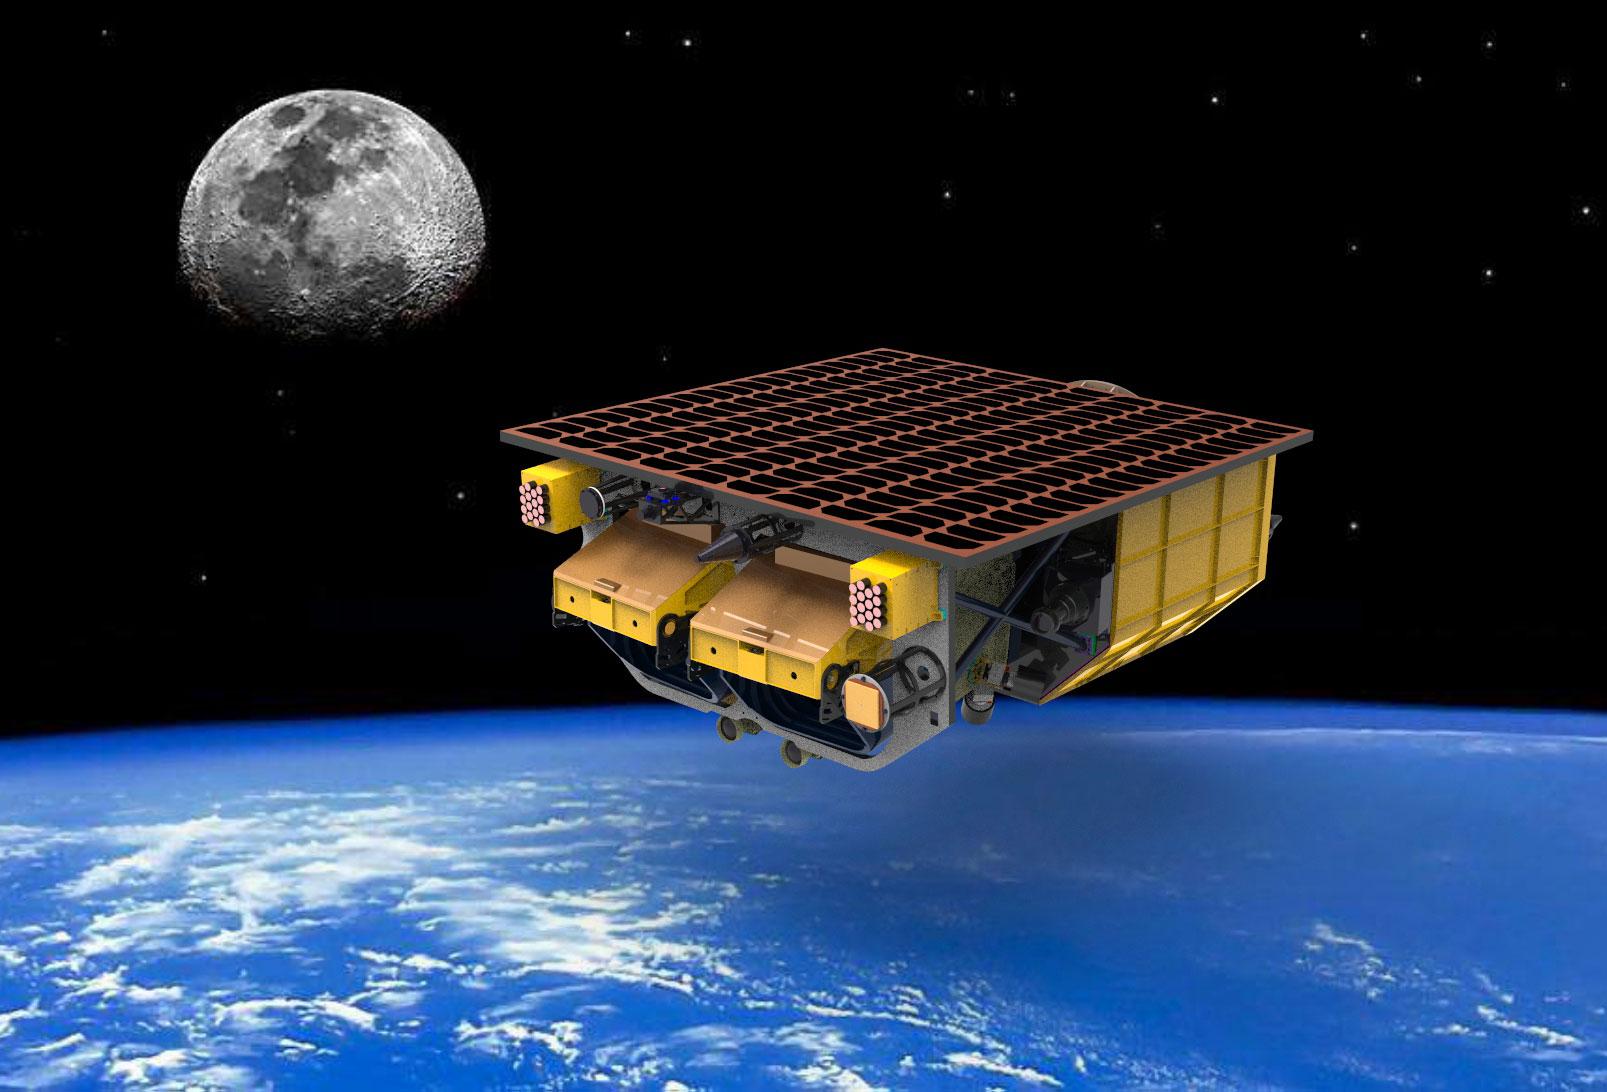 11顆衛星組網運行 可為海南陸海全區域提供遙感信息服務